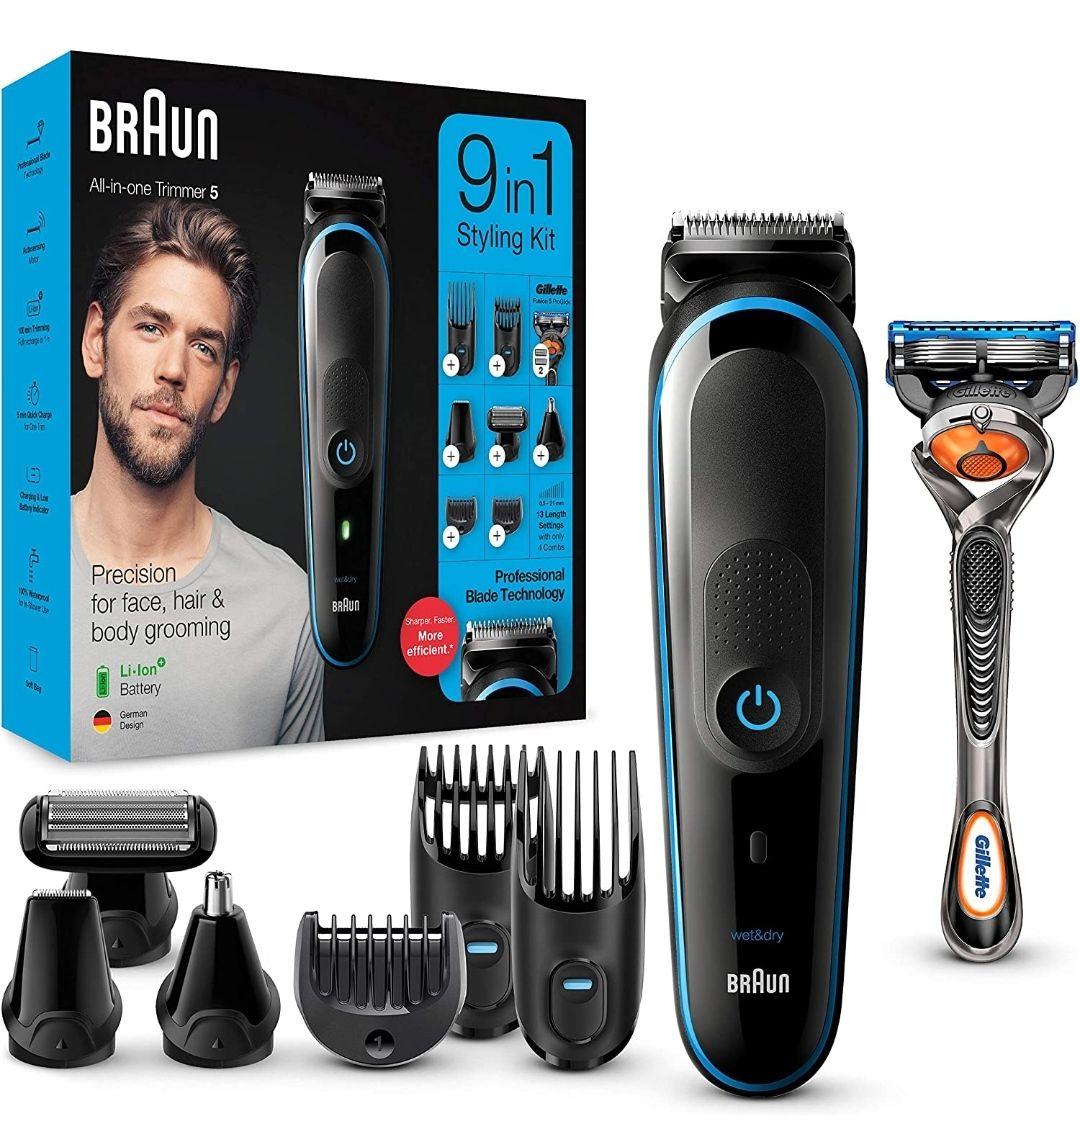 Braun. Máquina recortadora de barba, set de depilación corporal y cortapelos para hombre, color negro/azul,